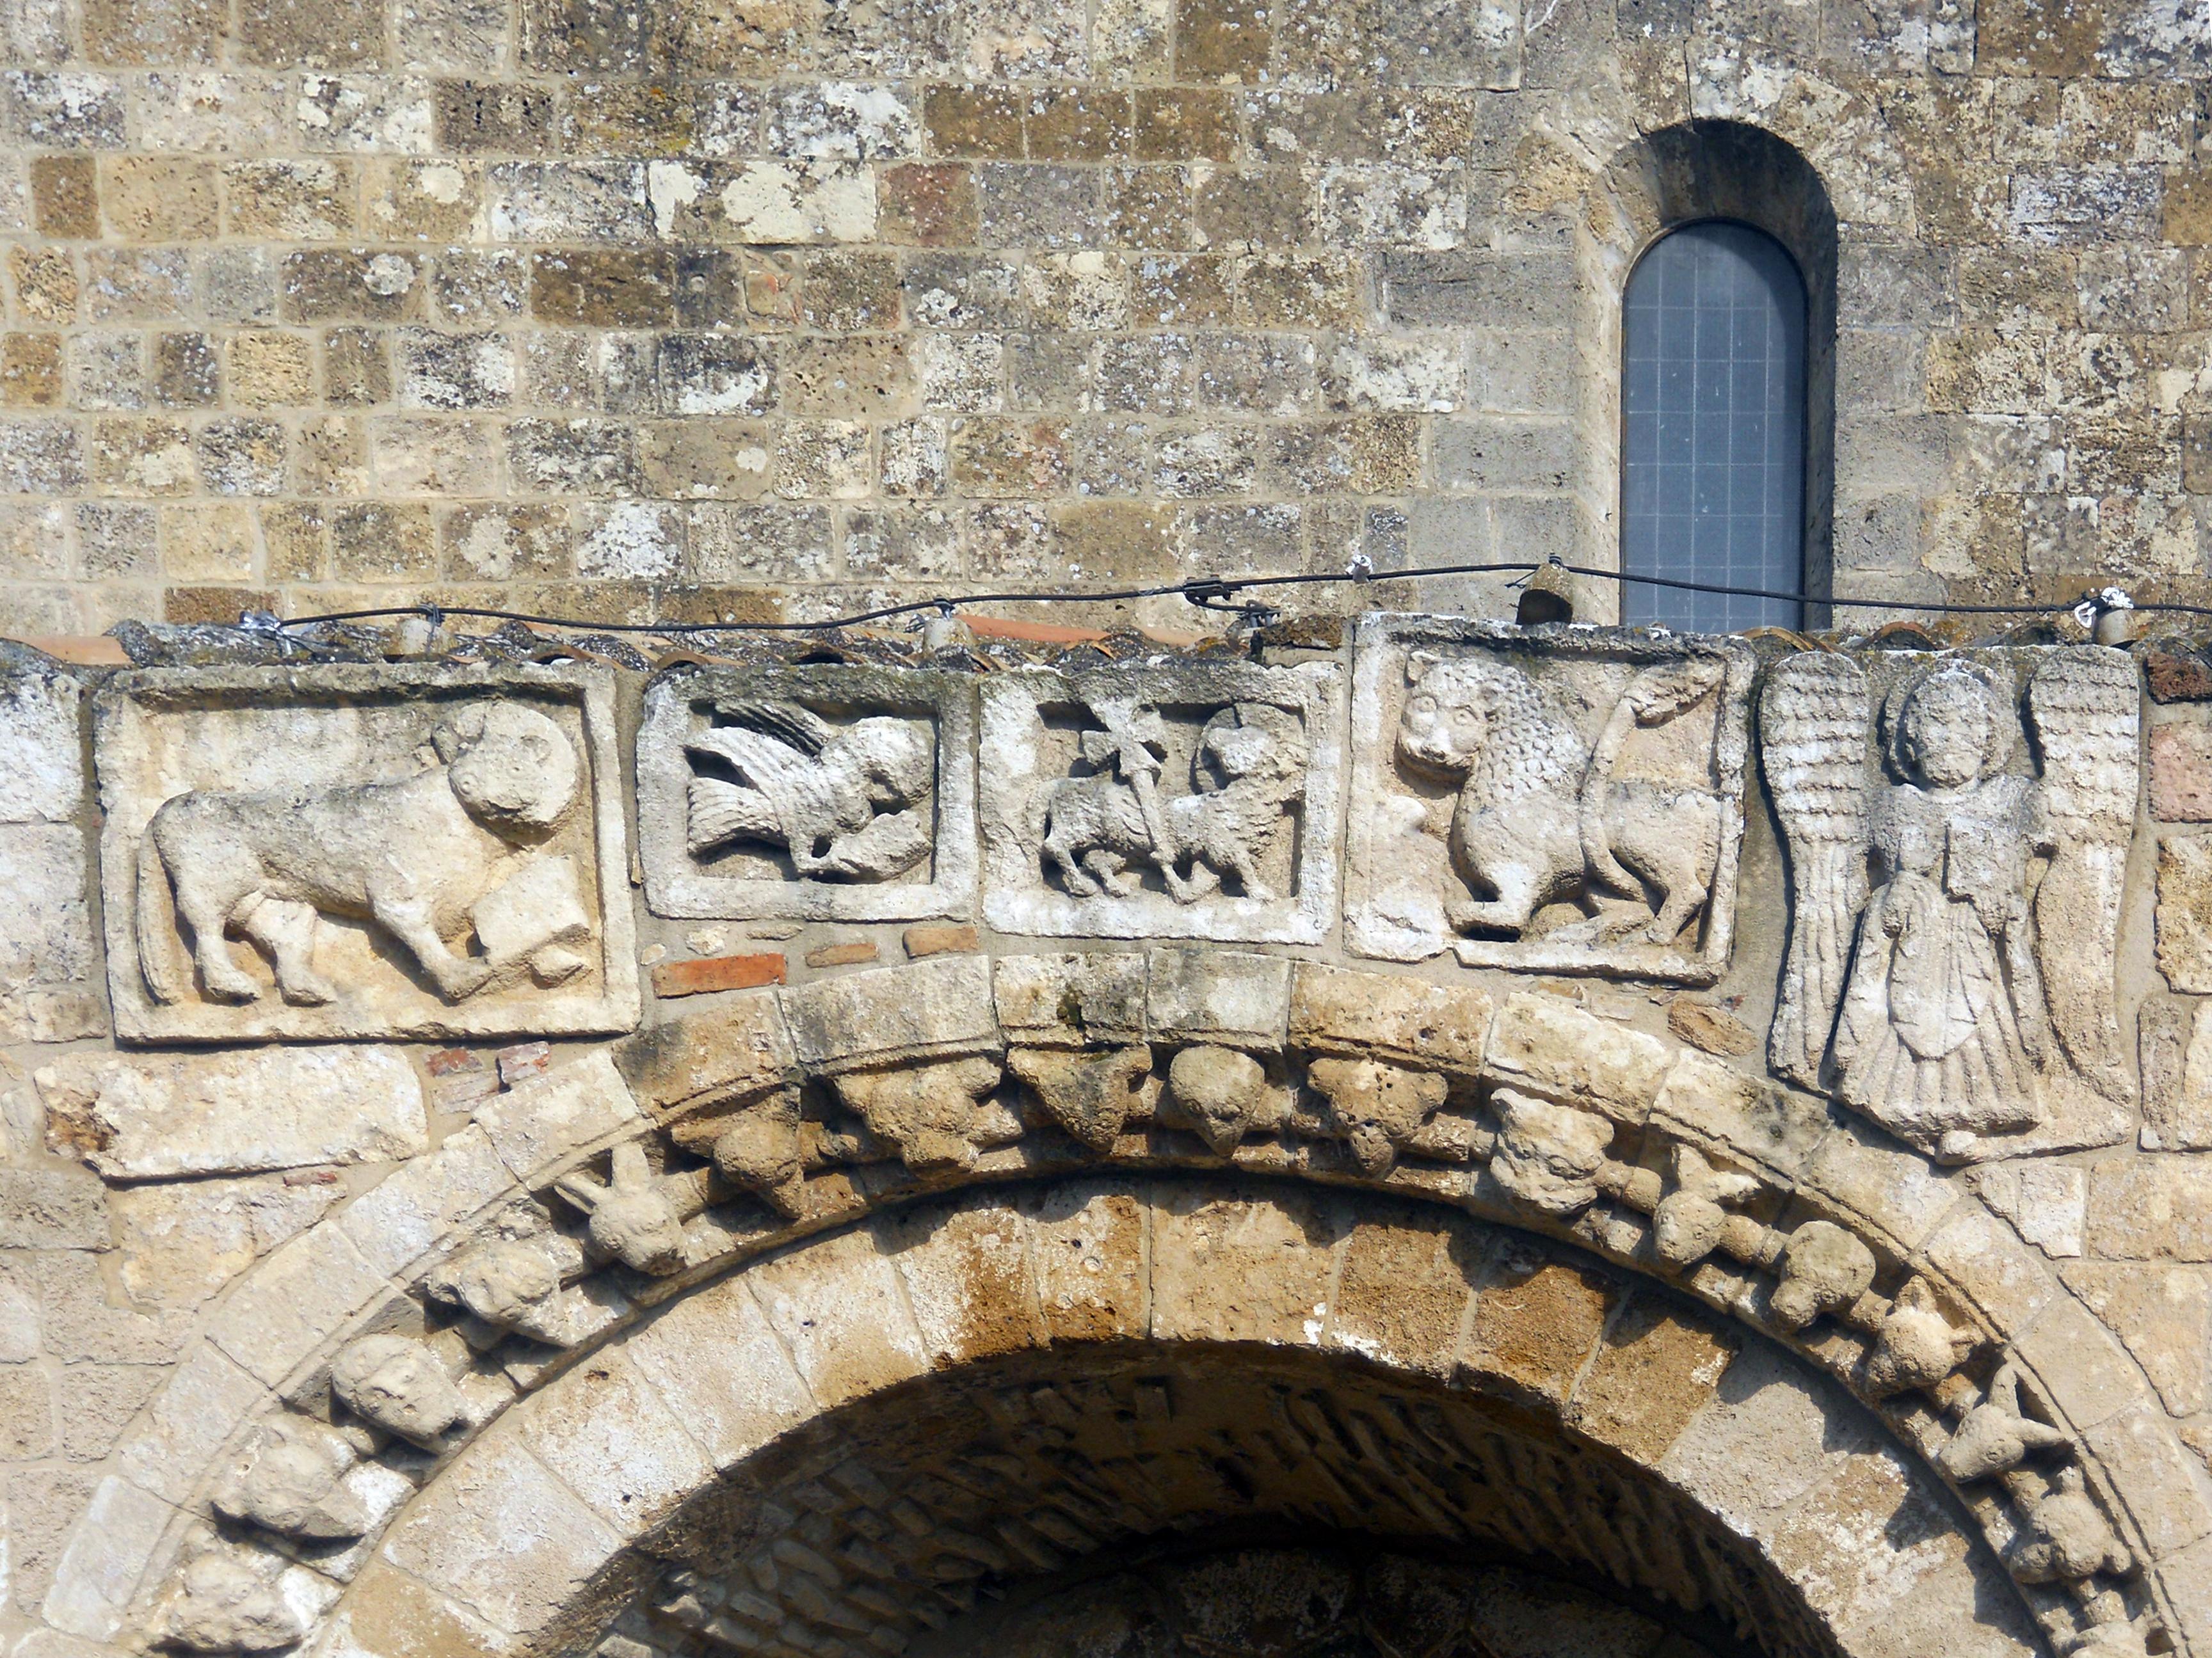 Particolare decorativo del portale Ingresso Cattedrale Anglona